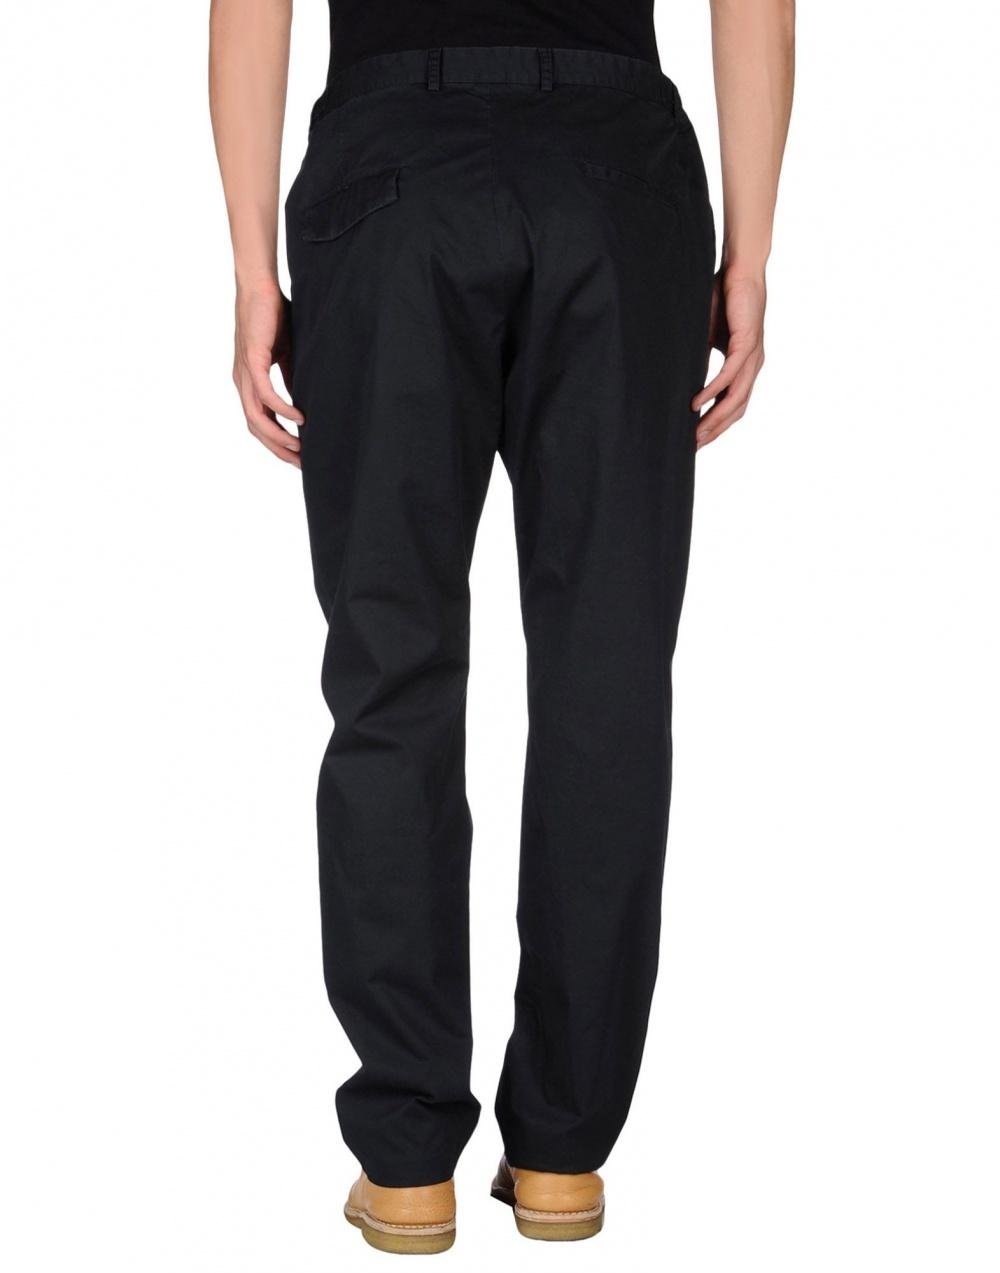 Мужские брюки D.A. DANIELE ALESSANDRINI 48IT на ОТ 94 см